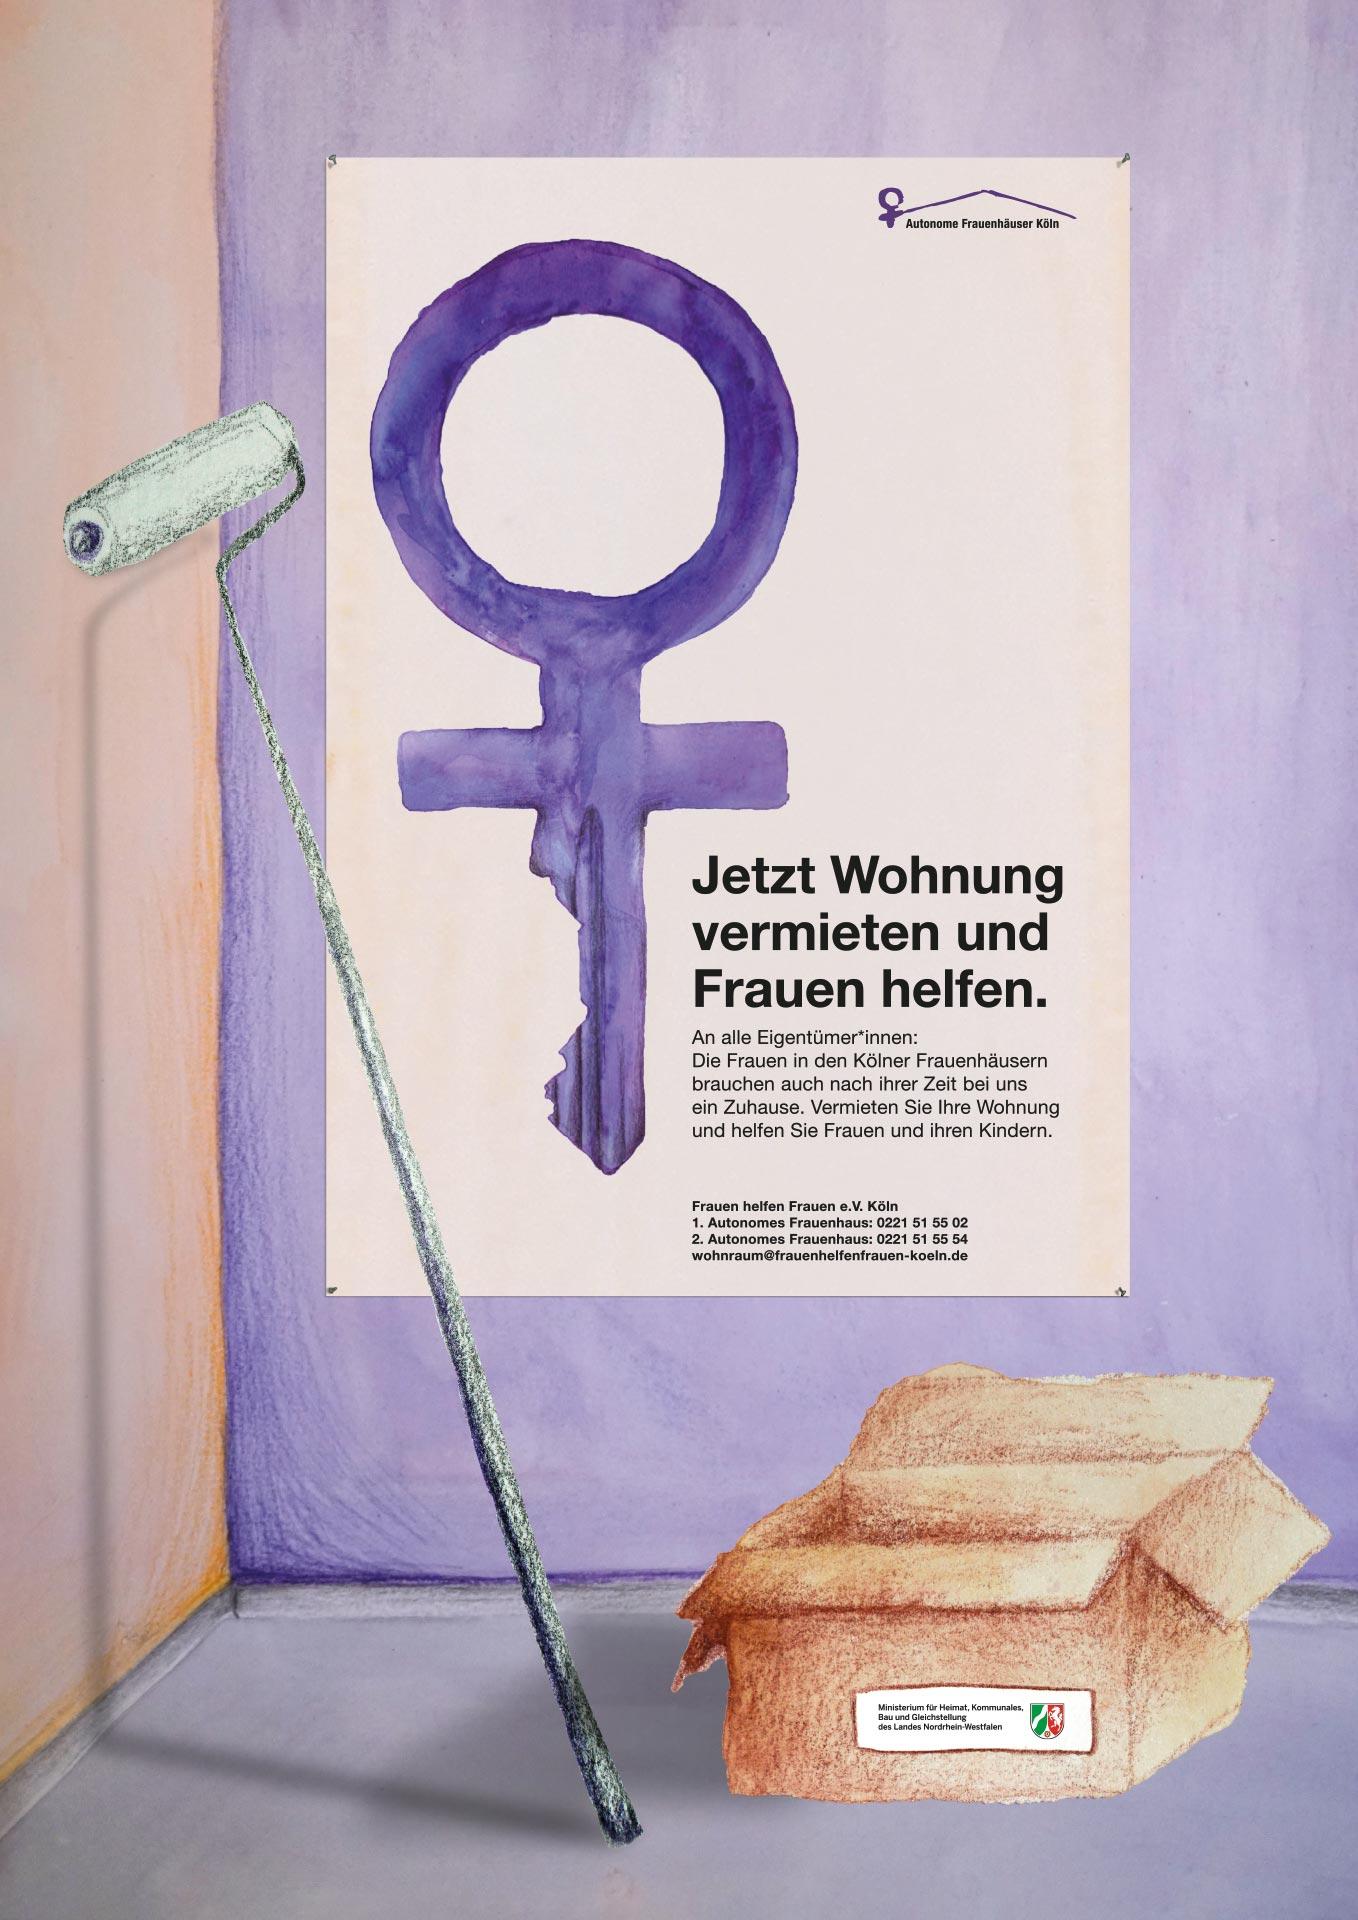 2012-frauenhaueser-koeln-wohnraum-finden